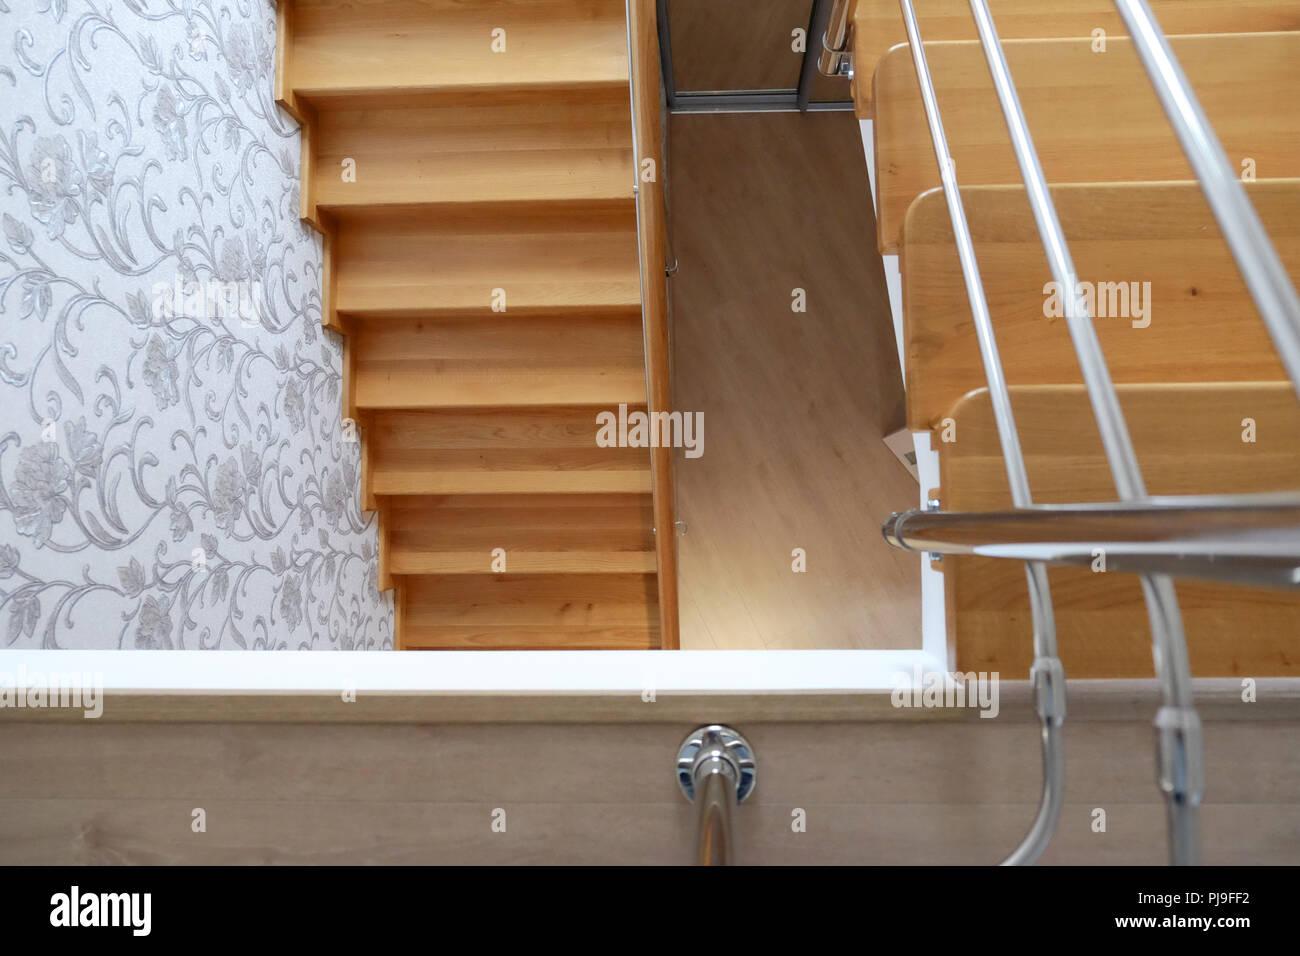 Moderne Holztreppe hölzerne treppe im haus. moderne holztreppe eiche schritte. die